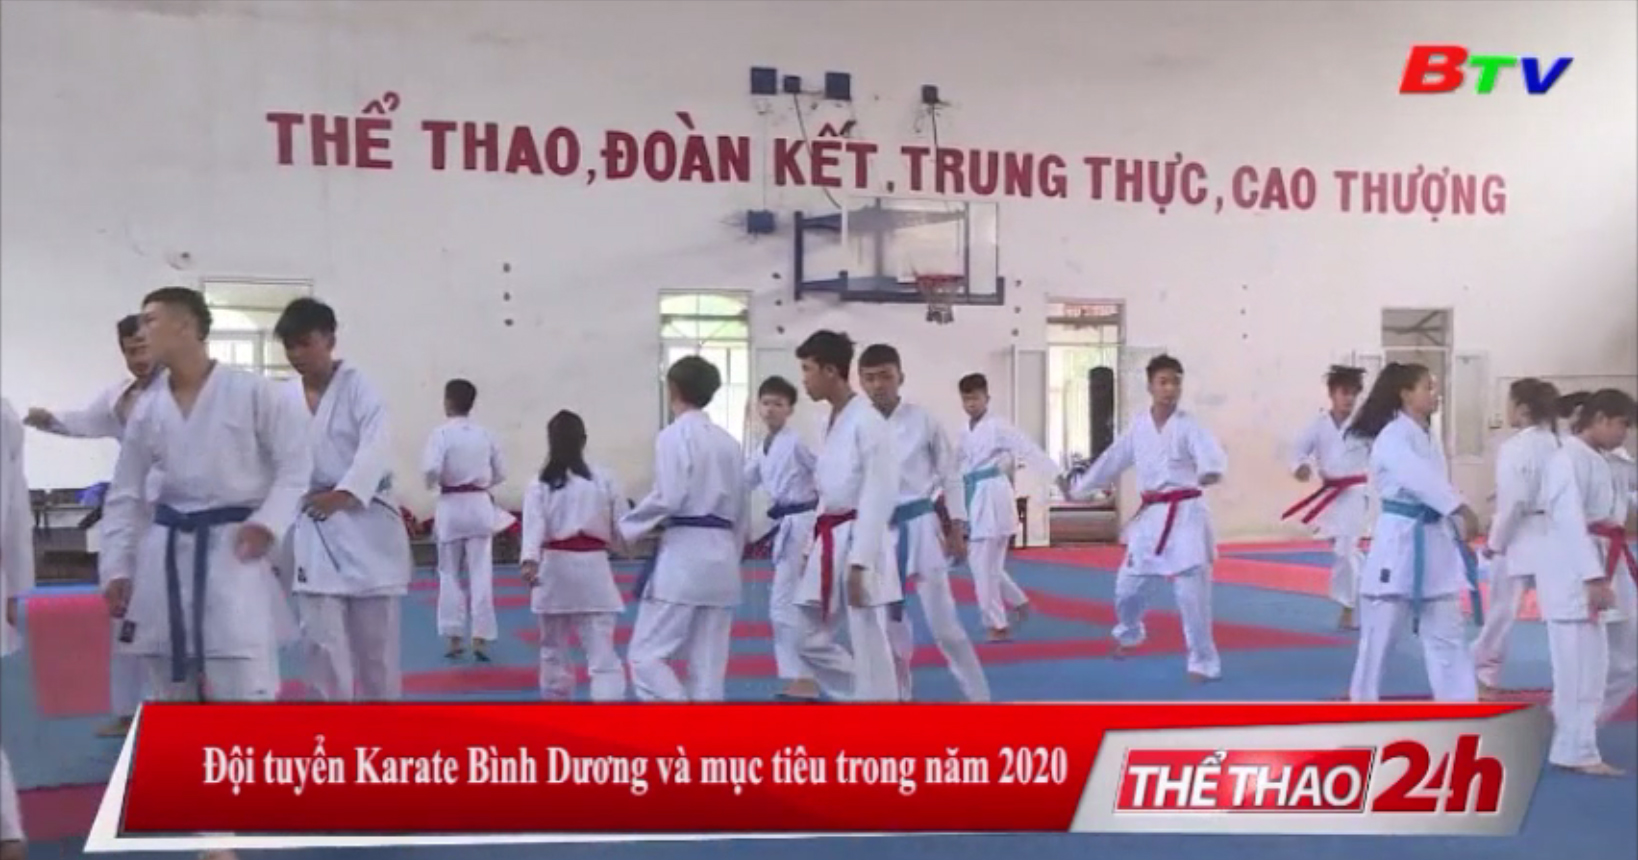 Đội tuyển Karate Bình Dương và mục tiêu trong năm 2020